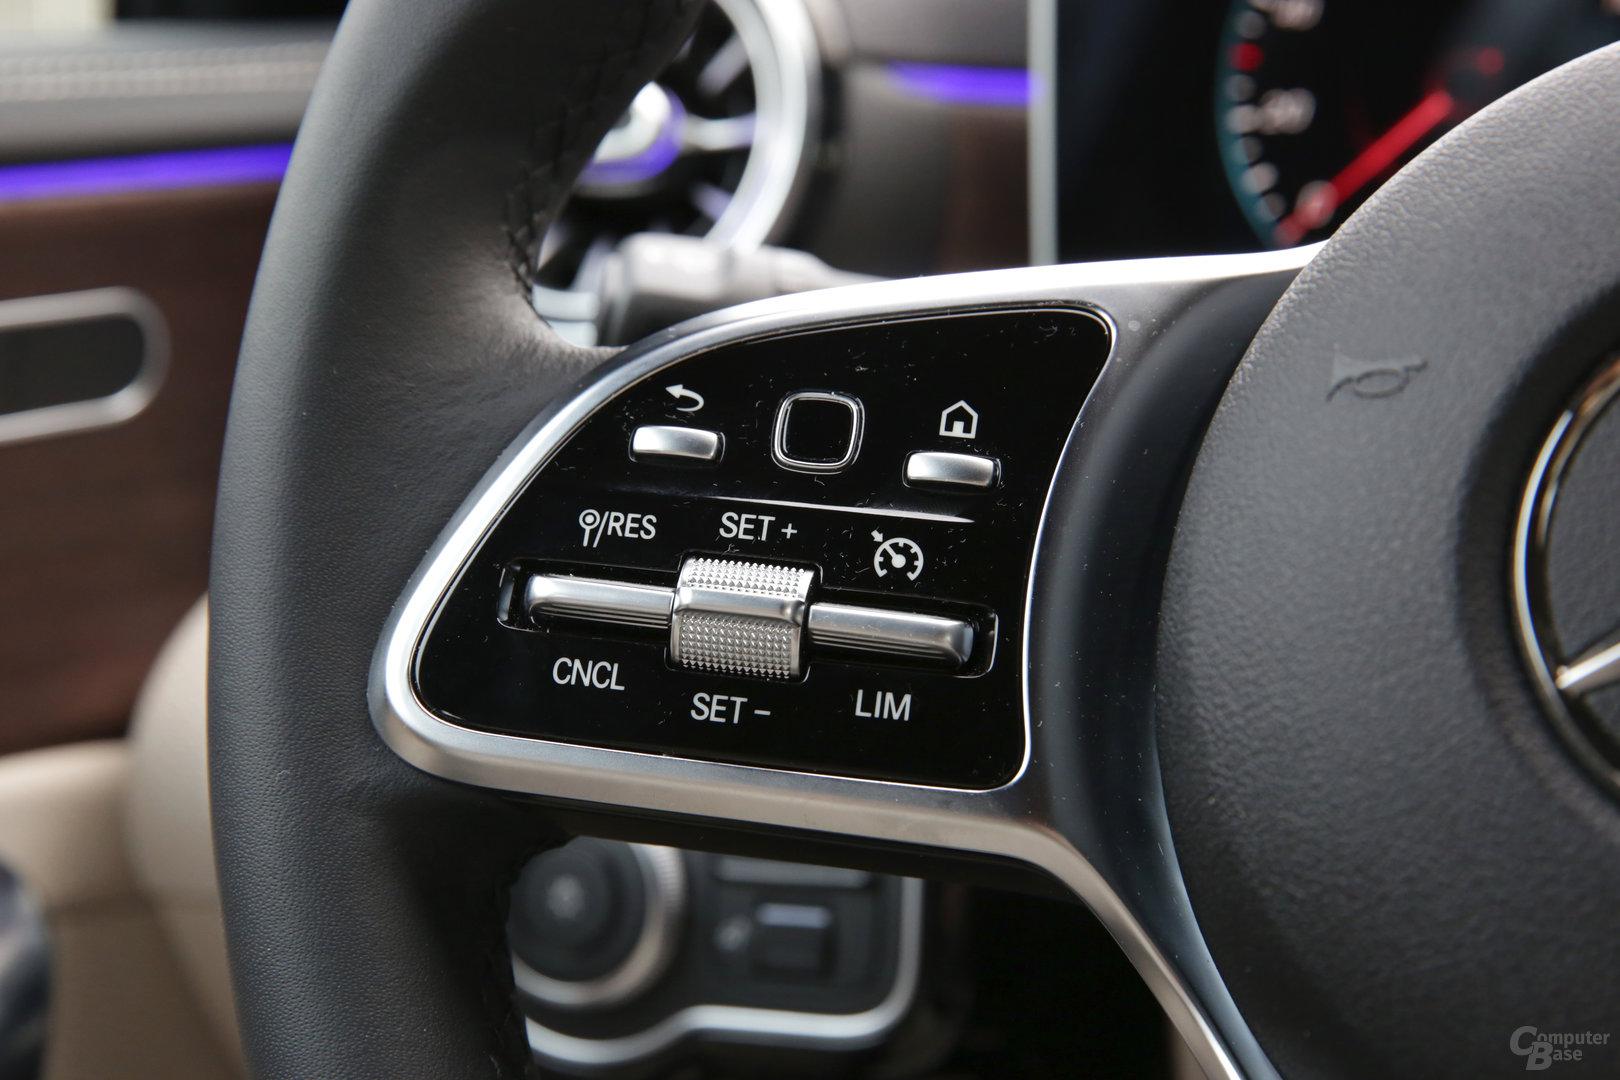 Linker Bereich mit Zurück, Touch-Schalter und Home-Taste